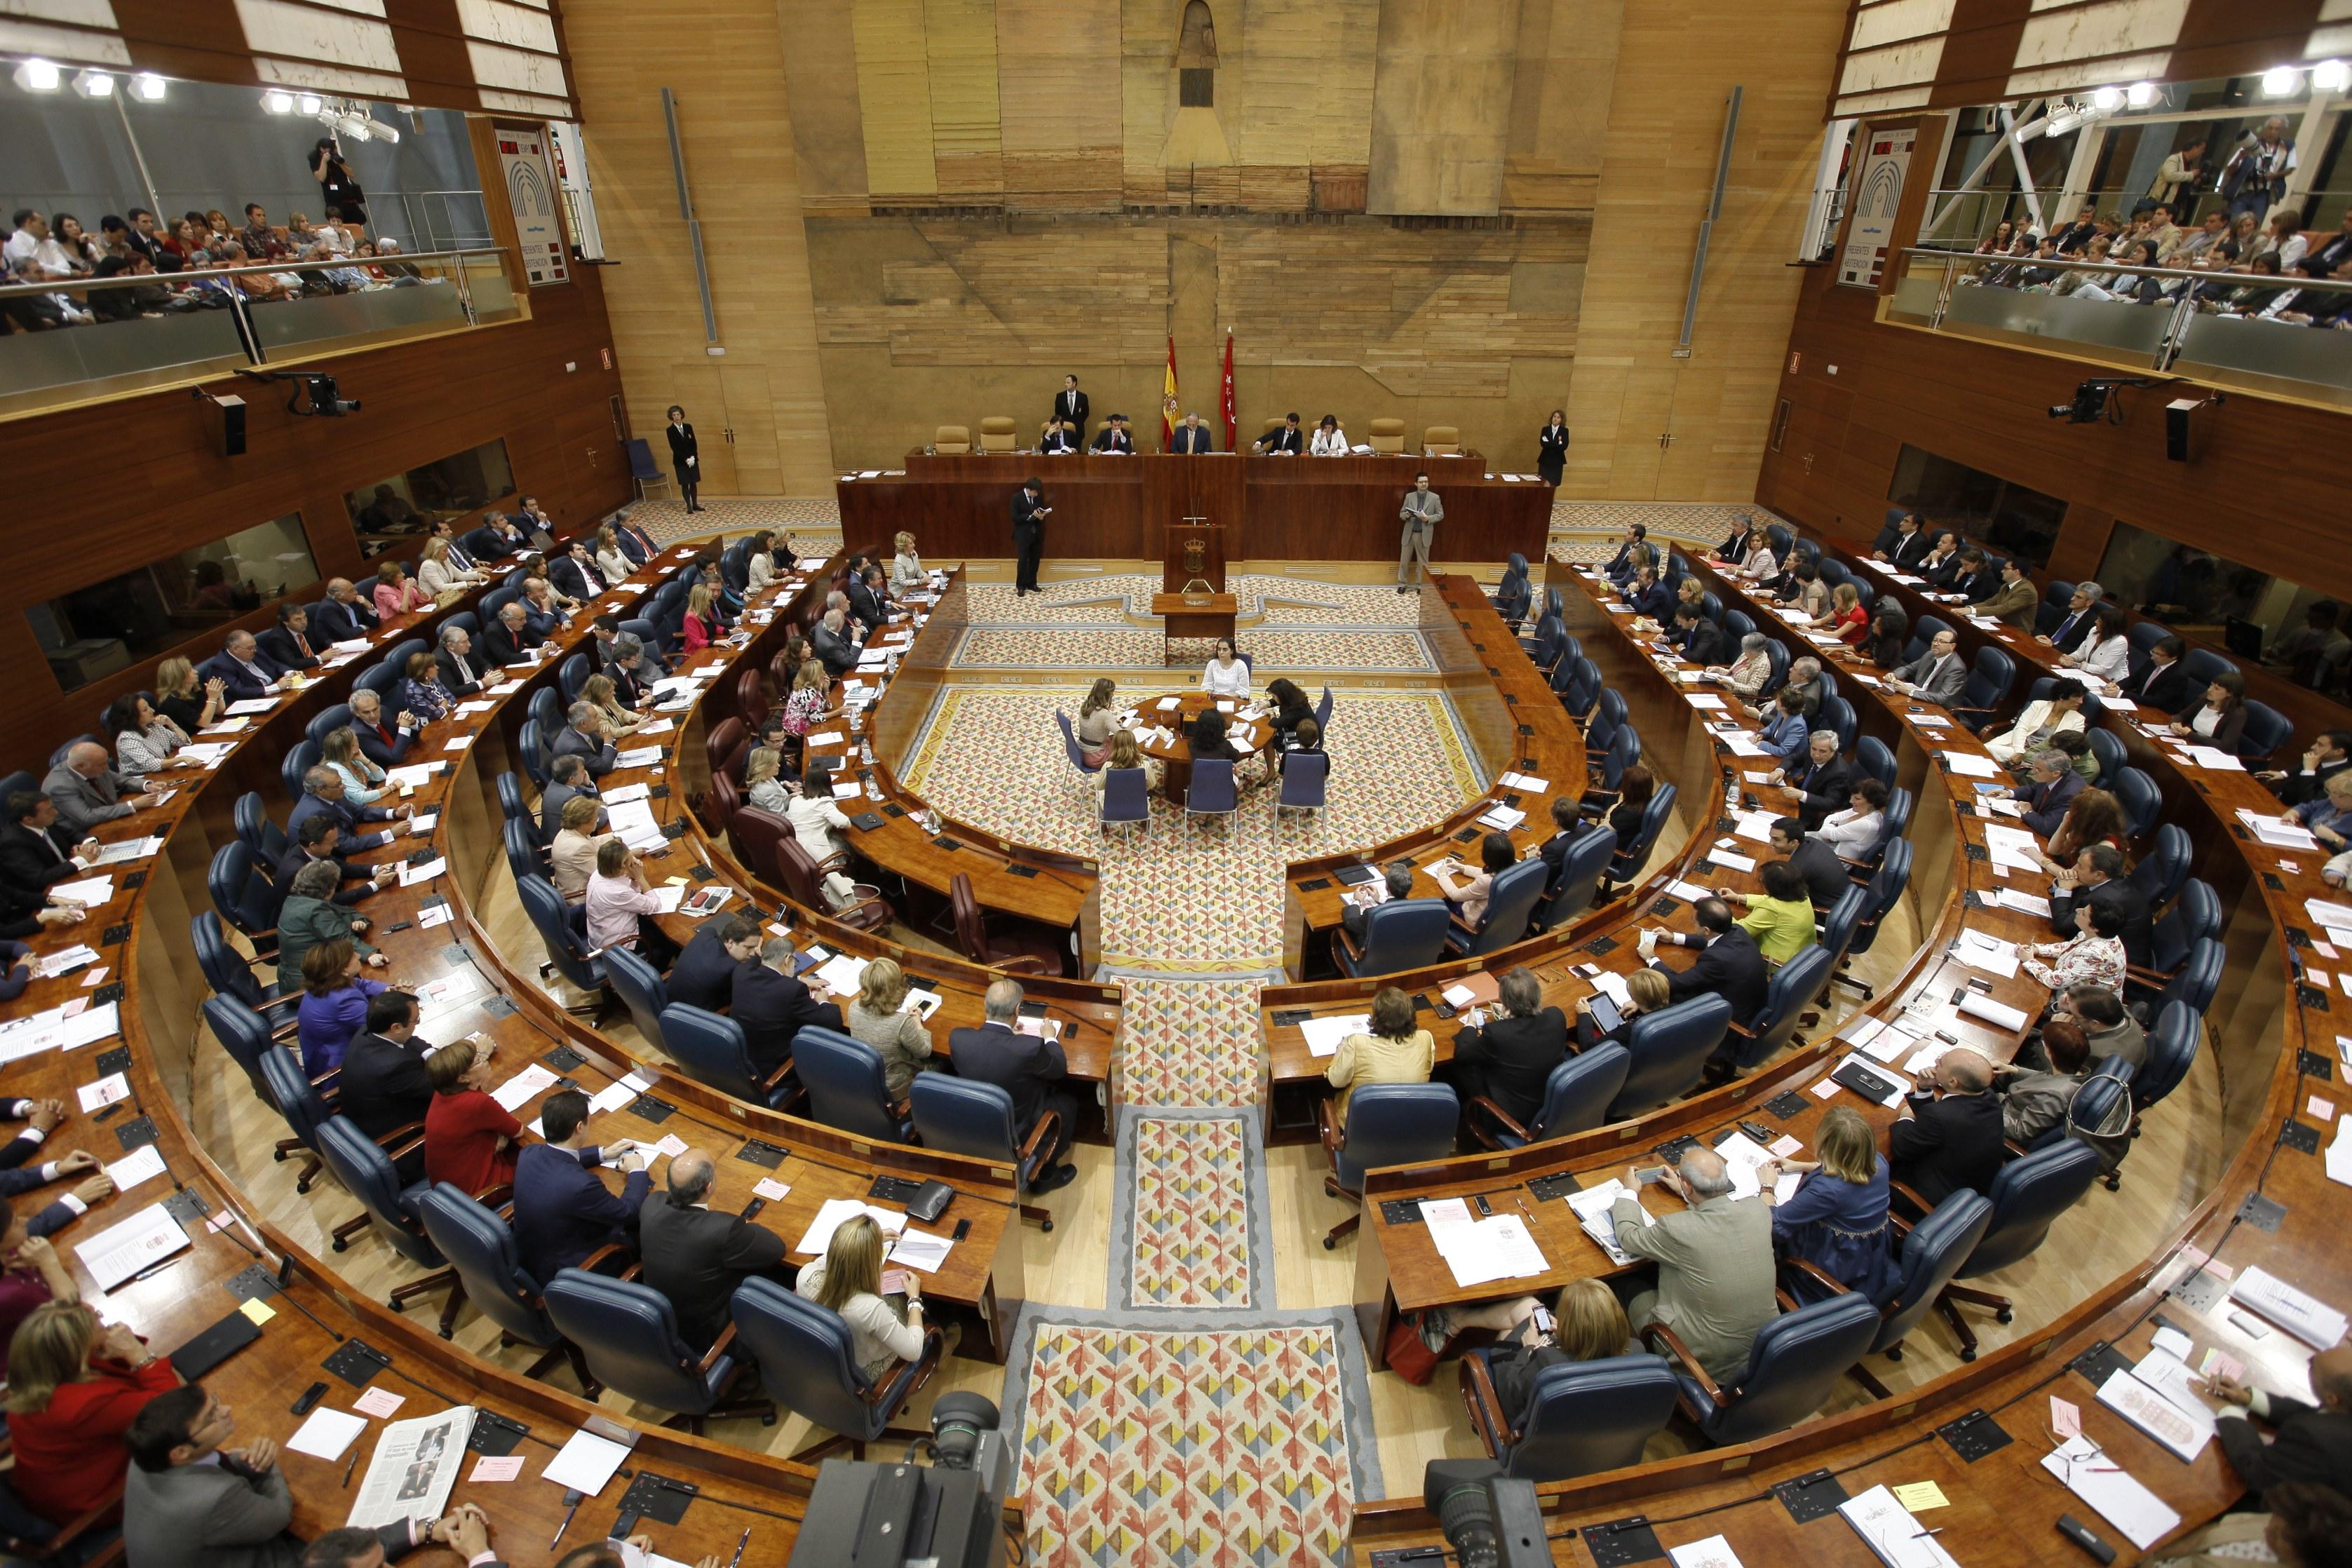 PantallasAmigas compareció en la Asamblea de Madrid para ofrecer sus reflexiones en torno al ciberacoso.